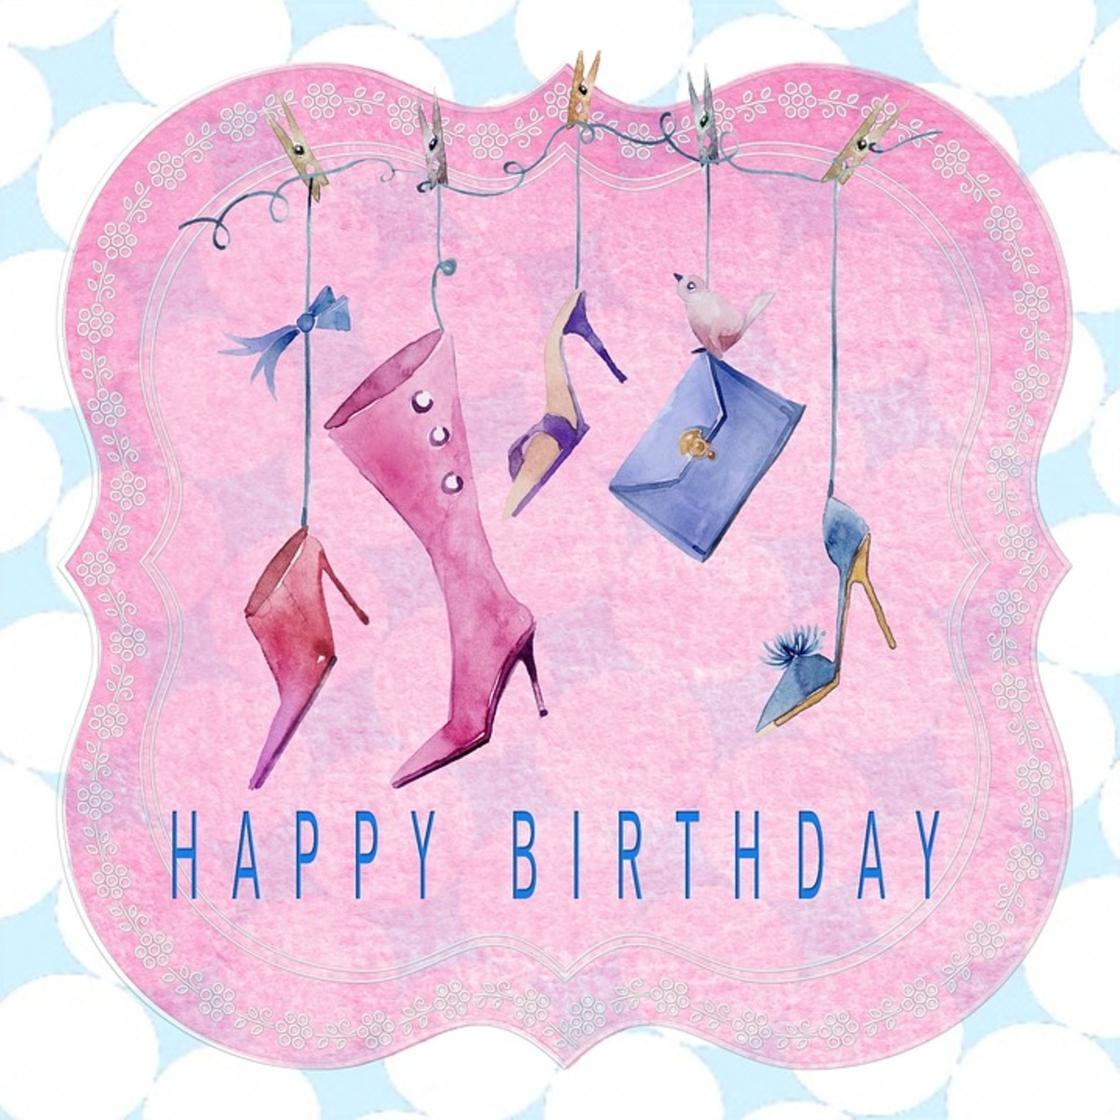 С днем рождения: прикольные картинки, открытки, поздравления